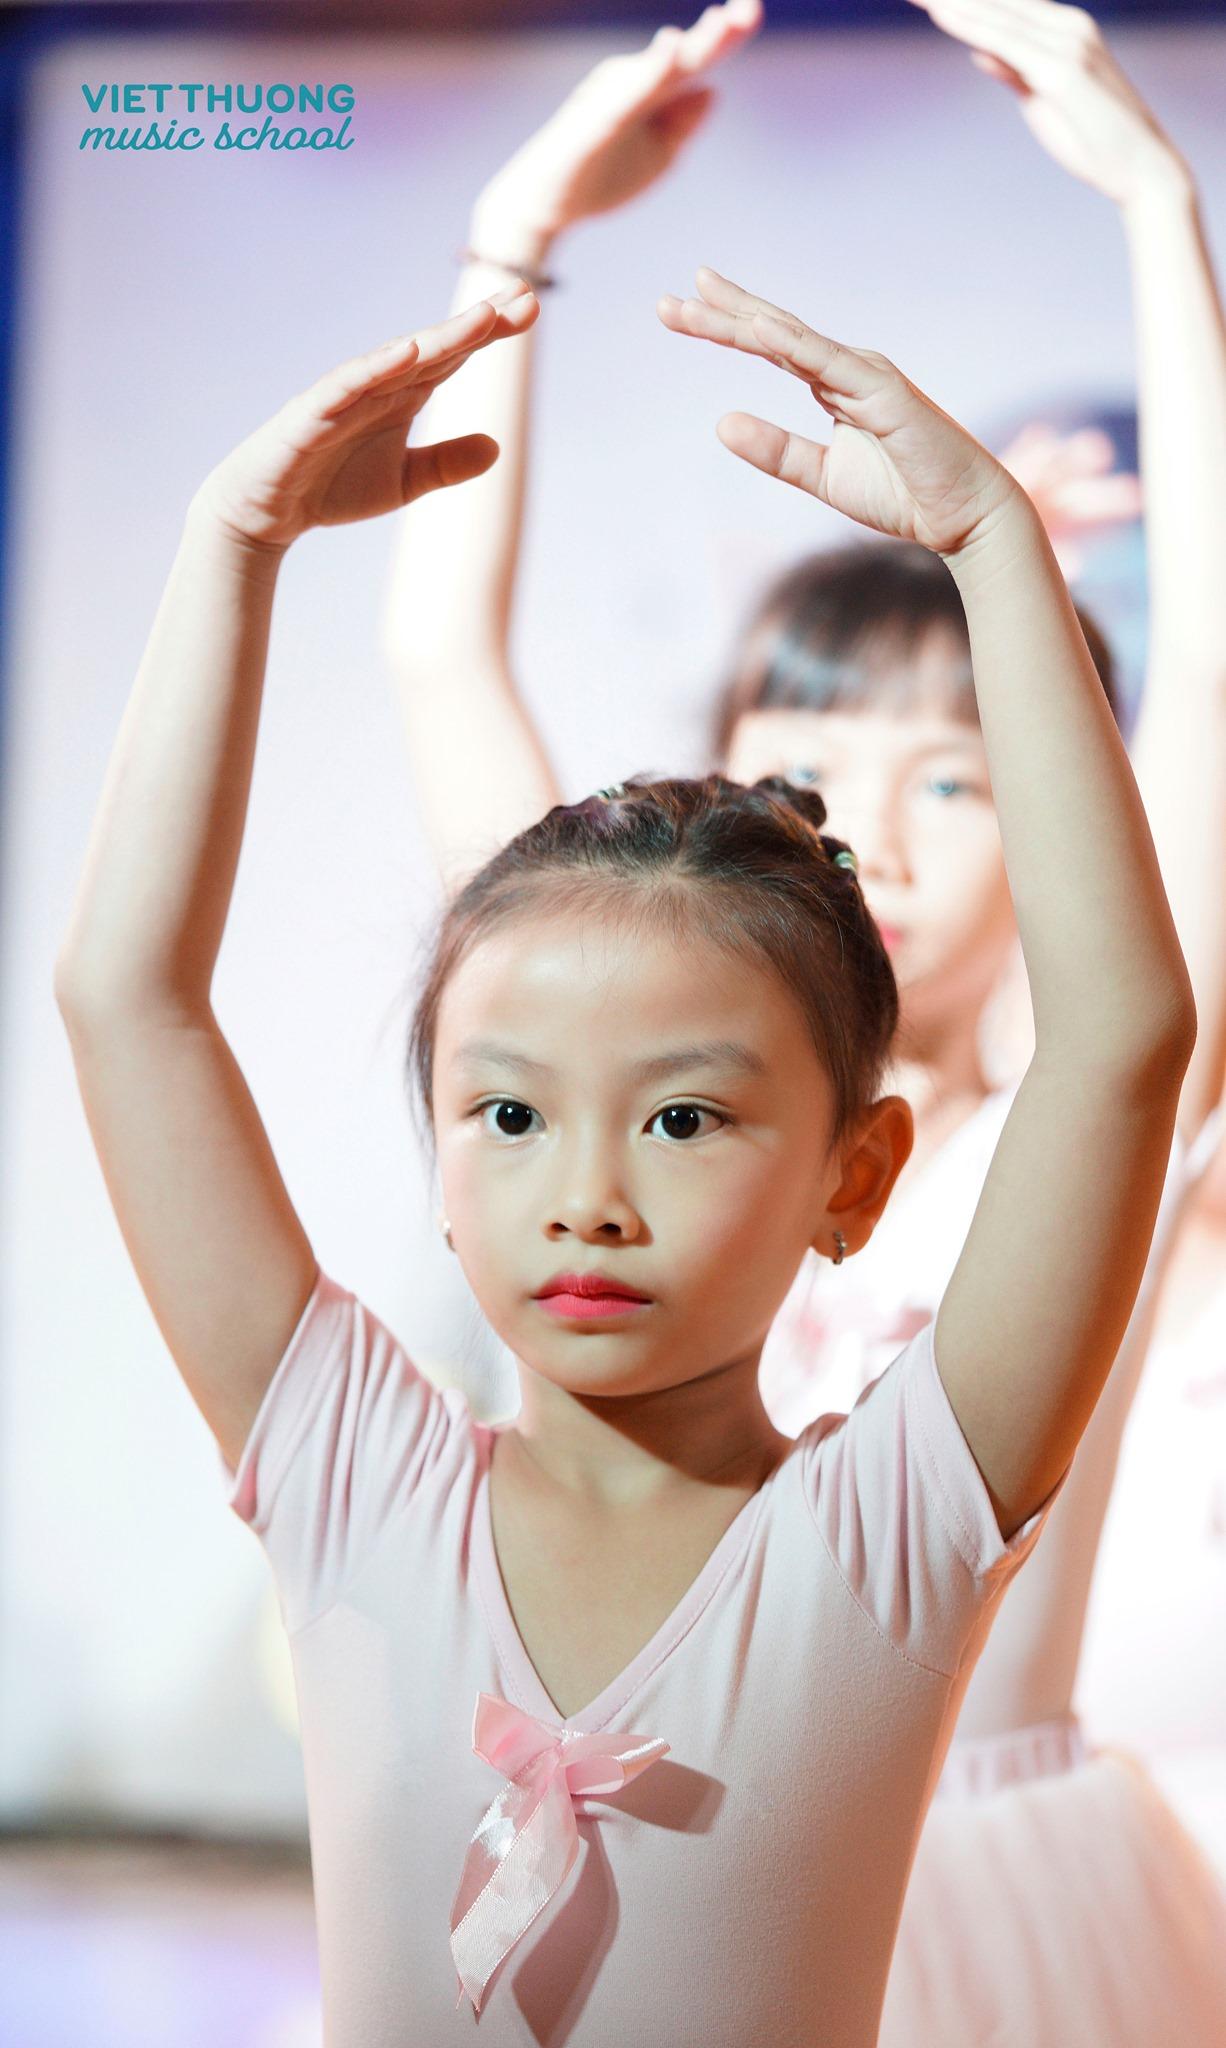 Ballet – môn nghệ thuật hoàn thiện nhân cách của trẻ